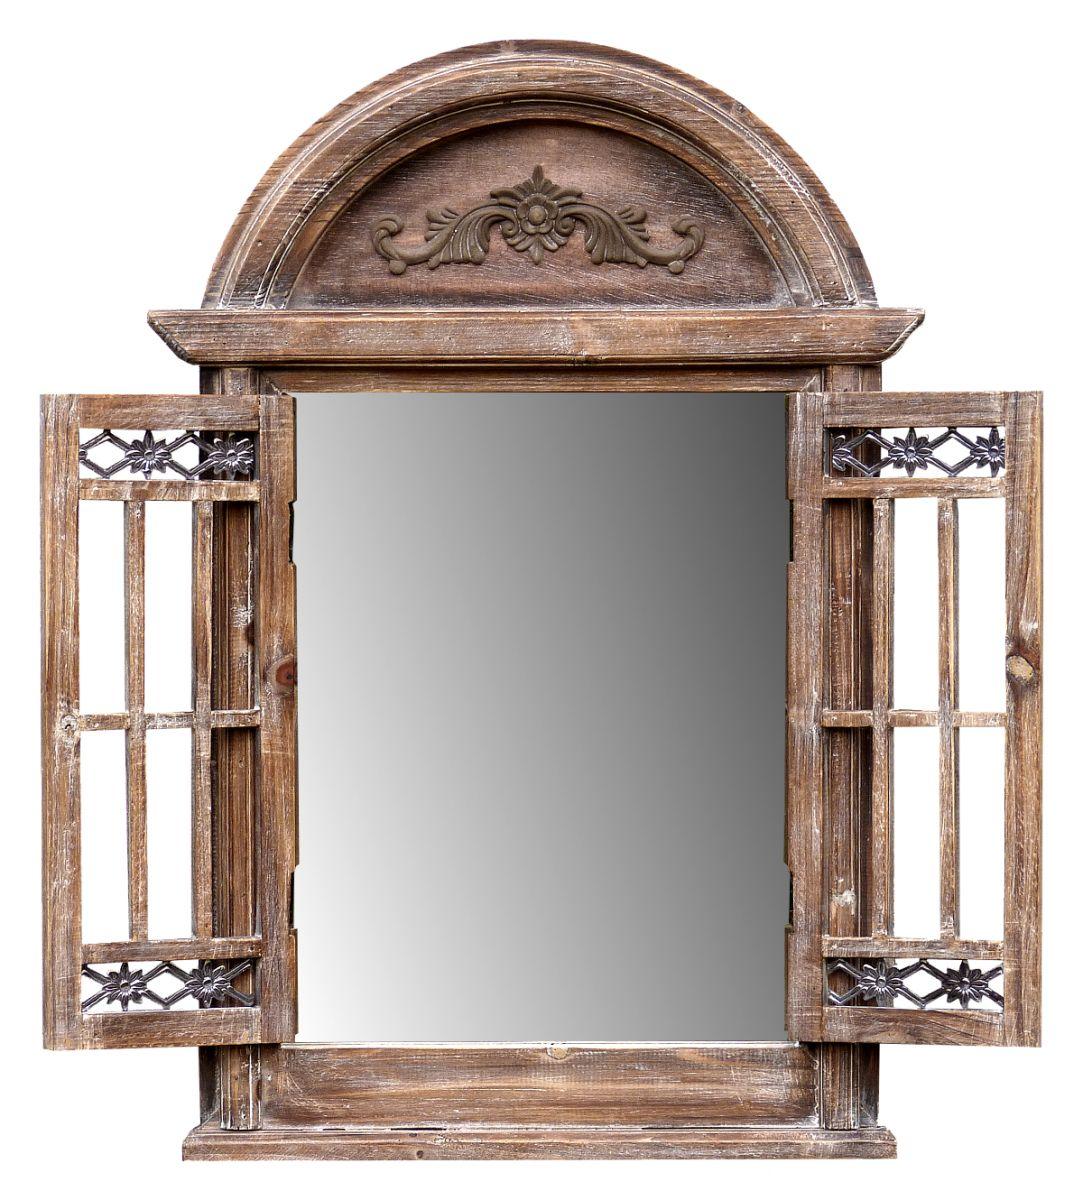 wandspiegel spiegel spiegelfenster rundbogen mit fensterl den landhaus holz braun more decor. Black Bedroom Furniture Sets. Home Design Ideas